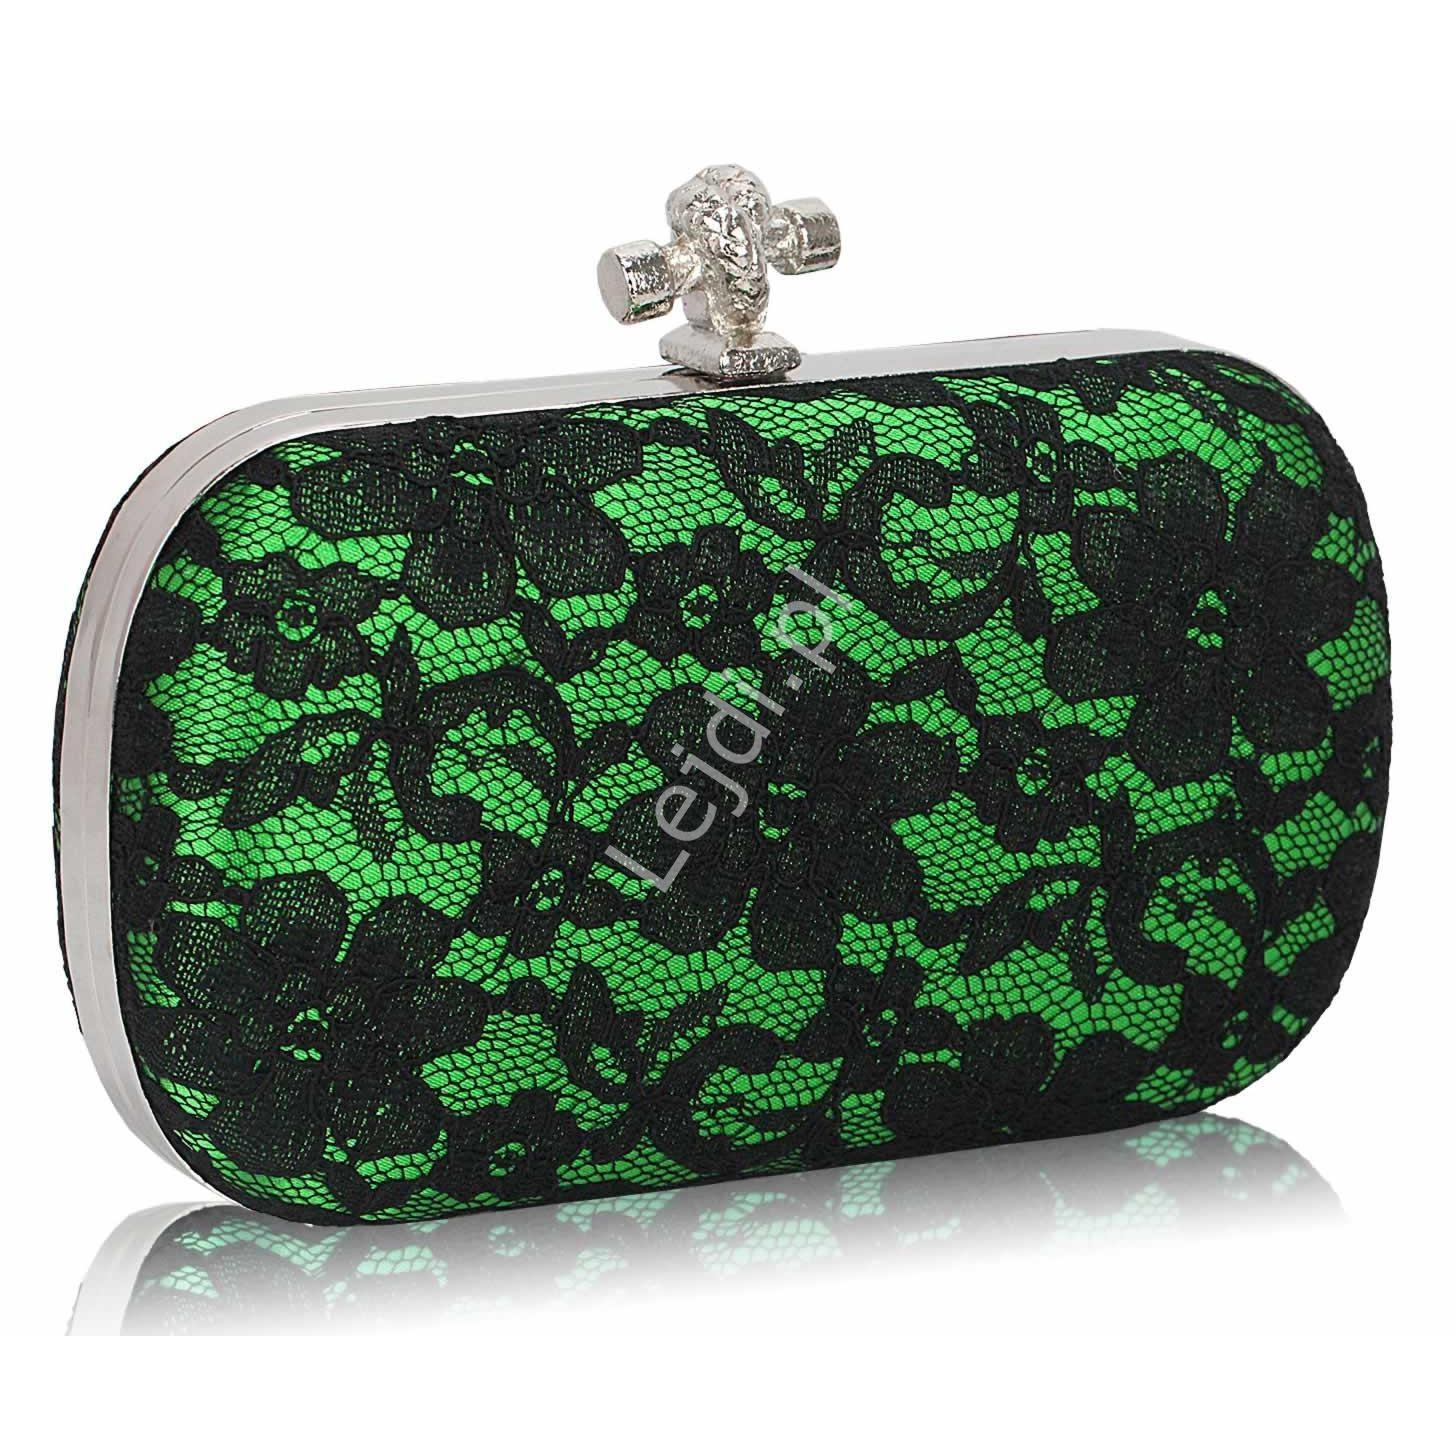 Koronkowa zielona torebka z węzełkiem | czarna koronka, torebka wieczorowa